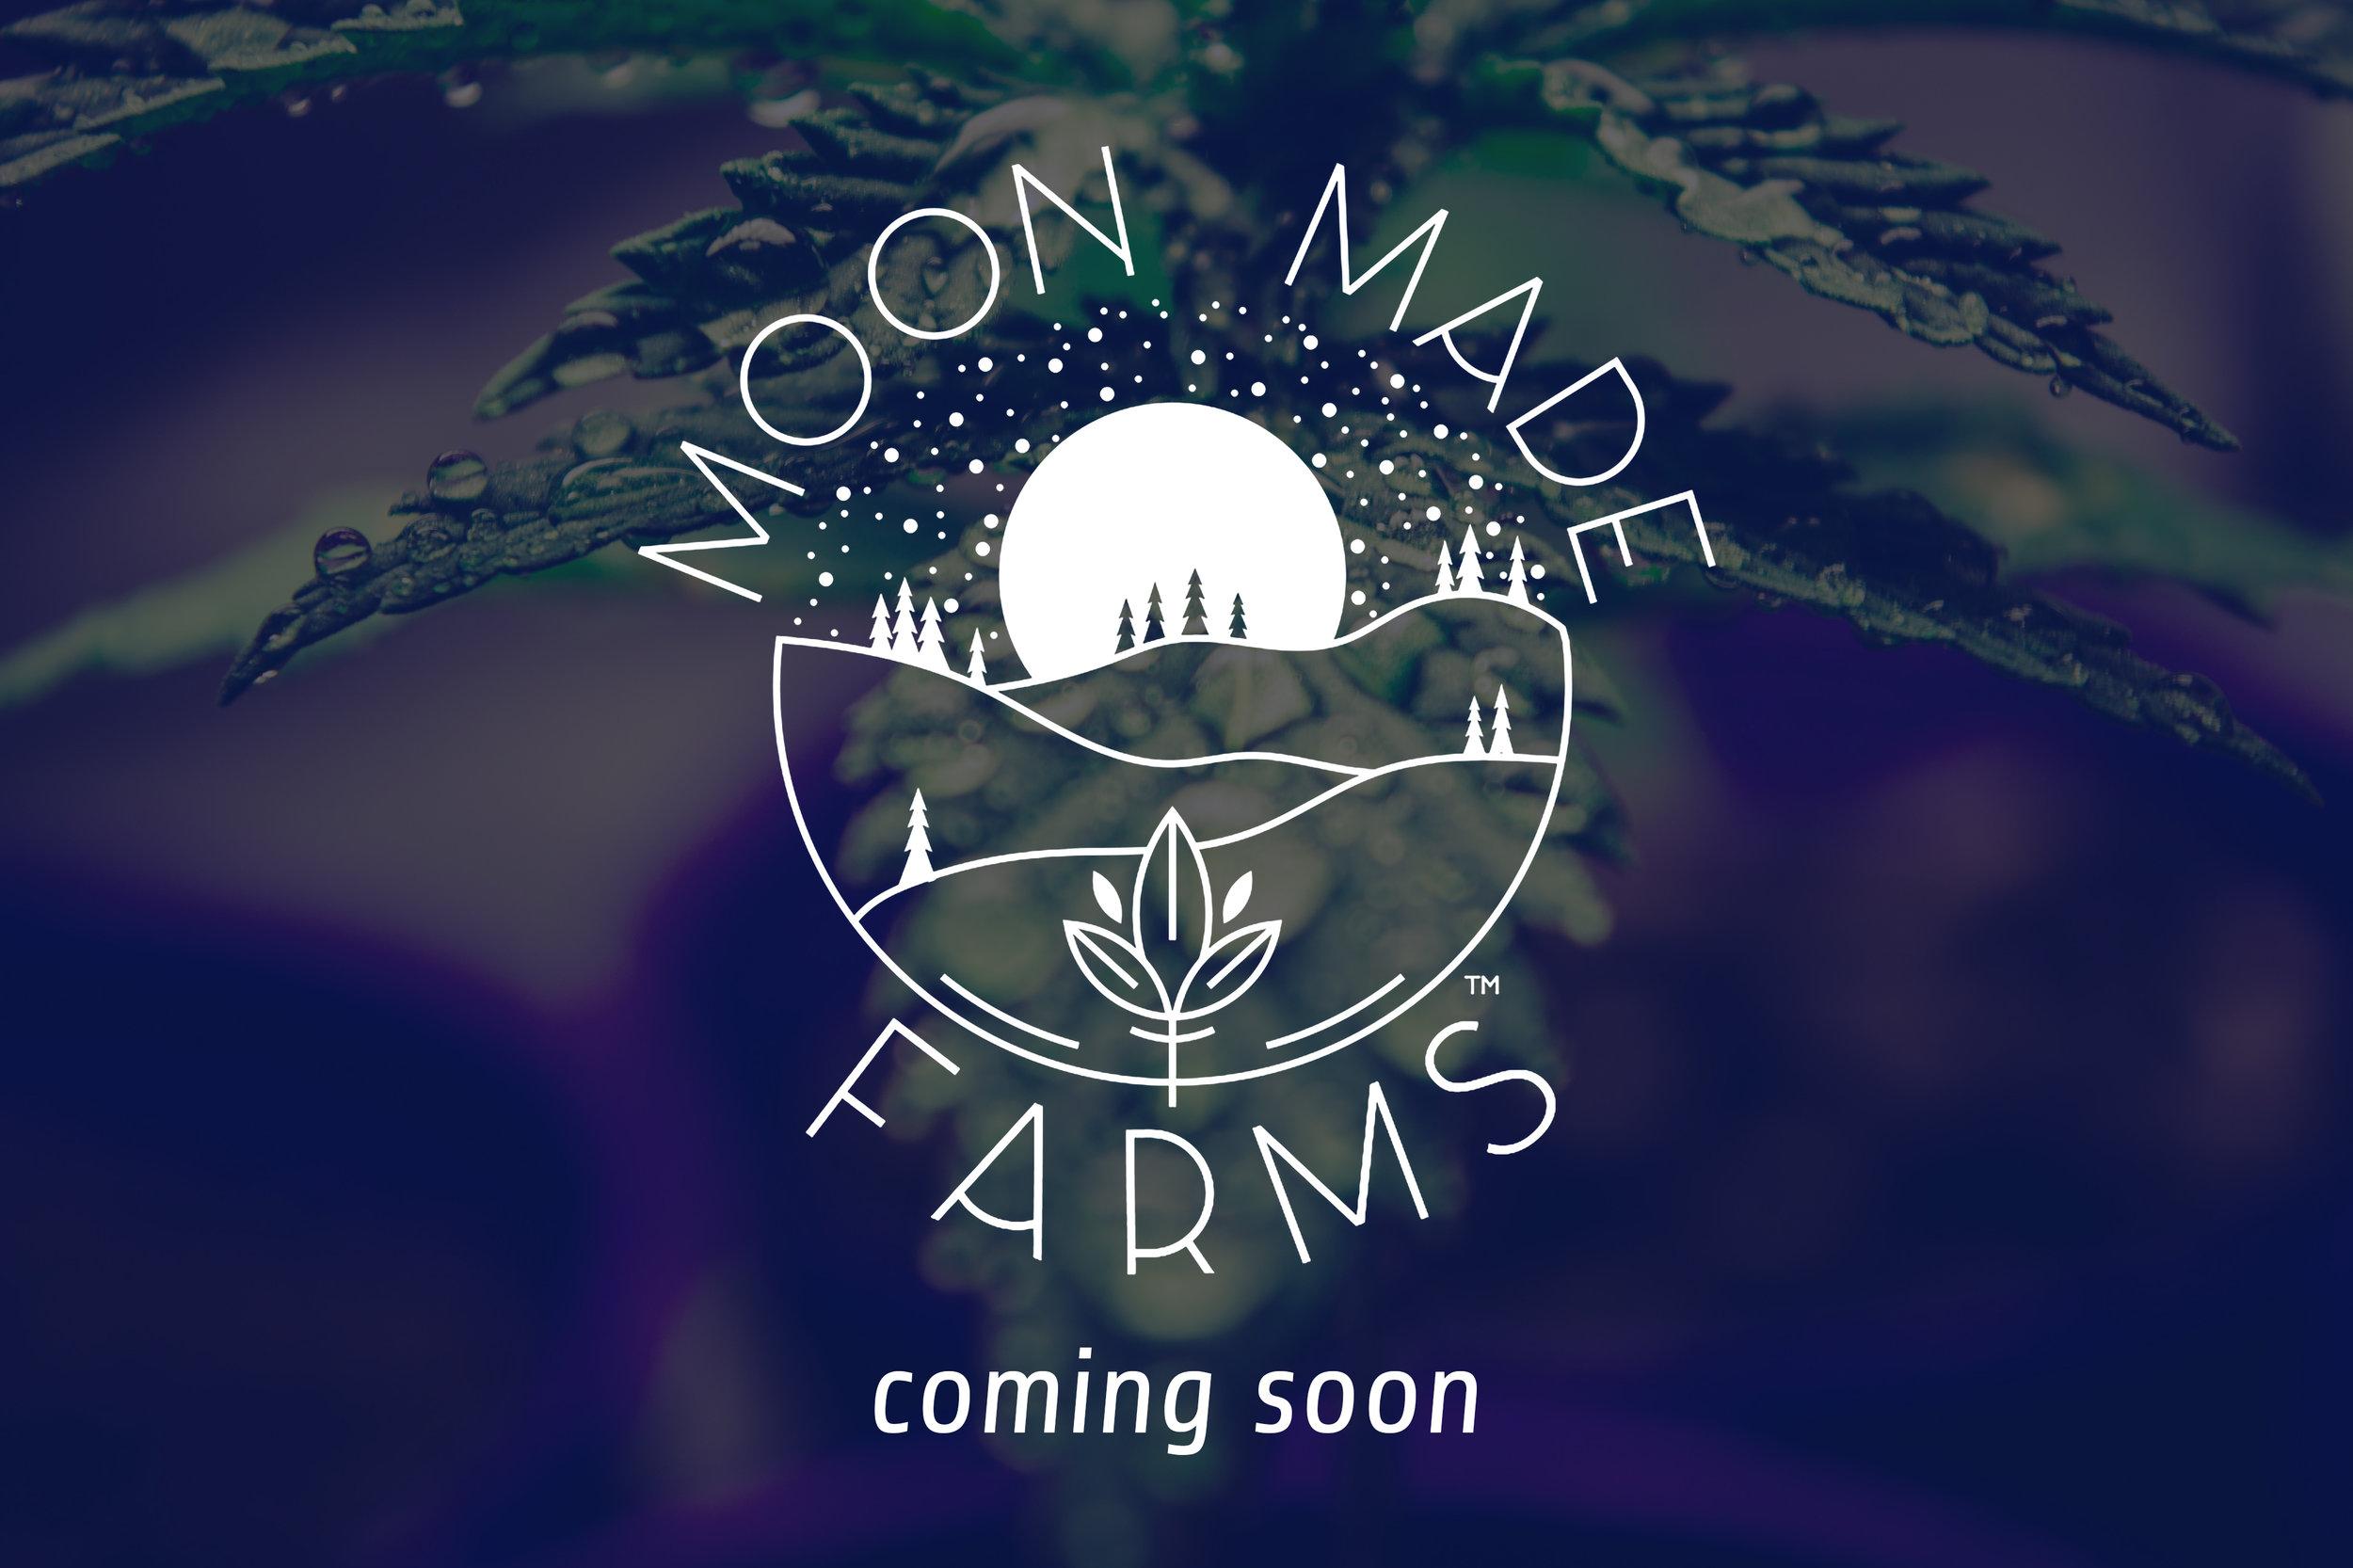 moonmade-comingsoon-2.jpg